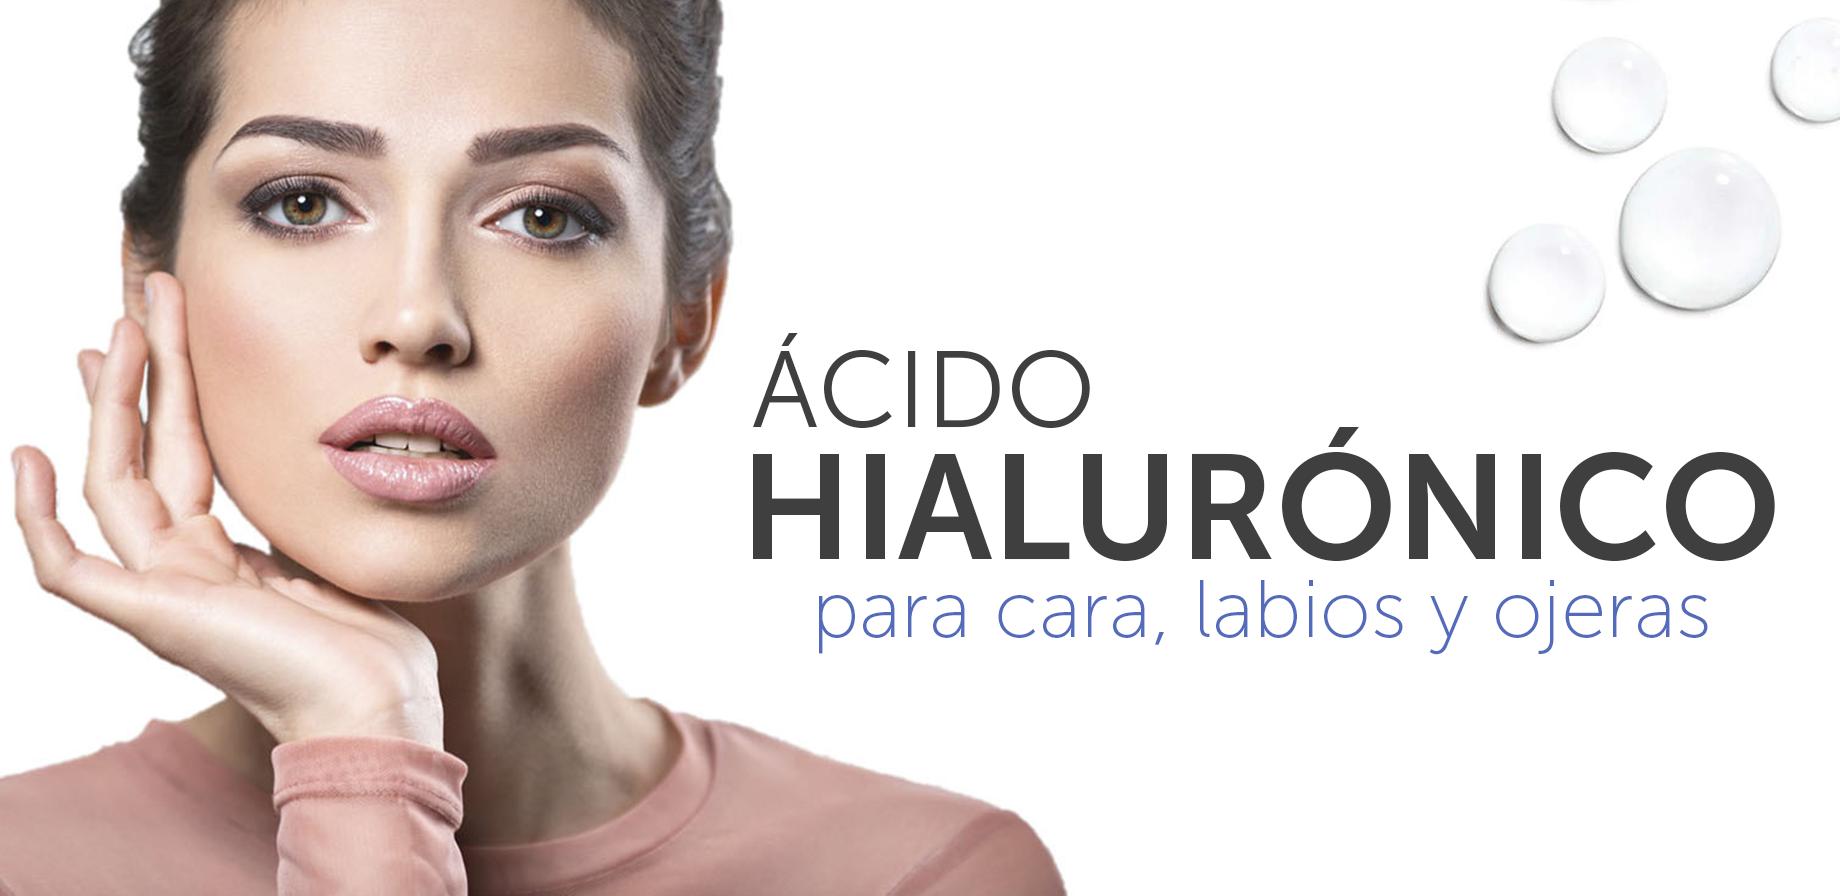 Los mejores productos con Ácido hialurónico para cara, labios y ojeras en Farmacia Jiménez